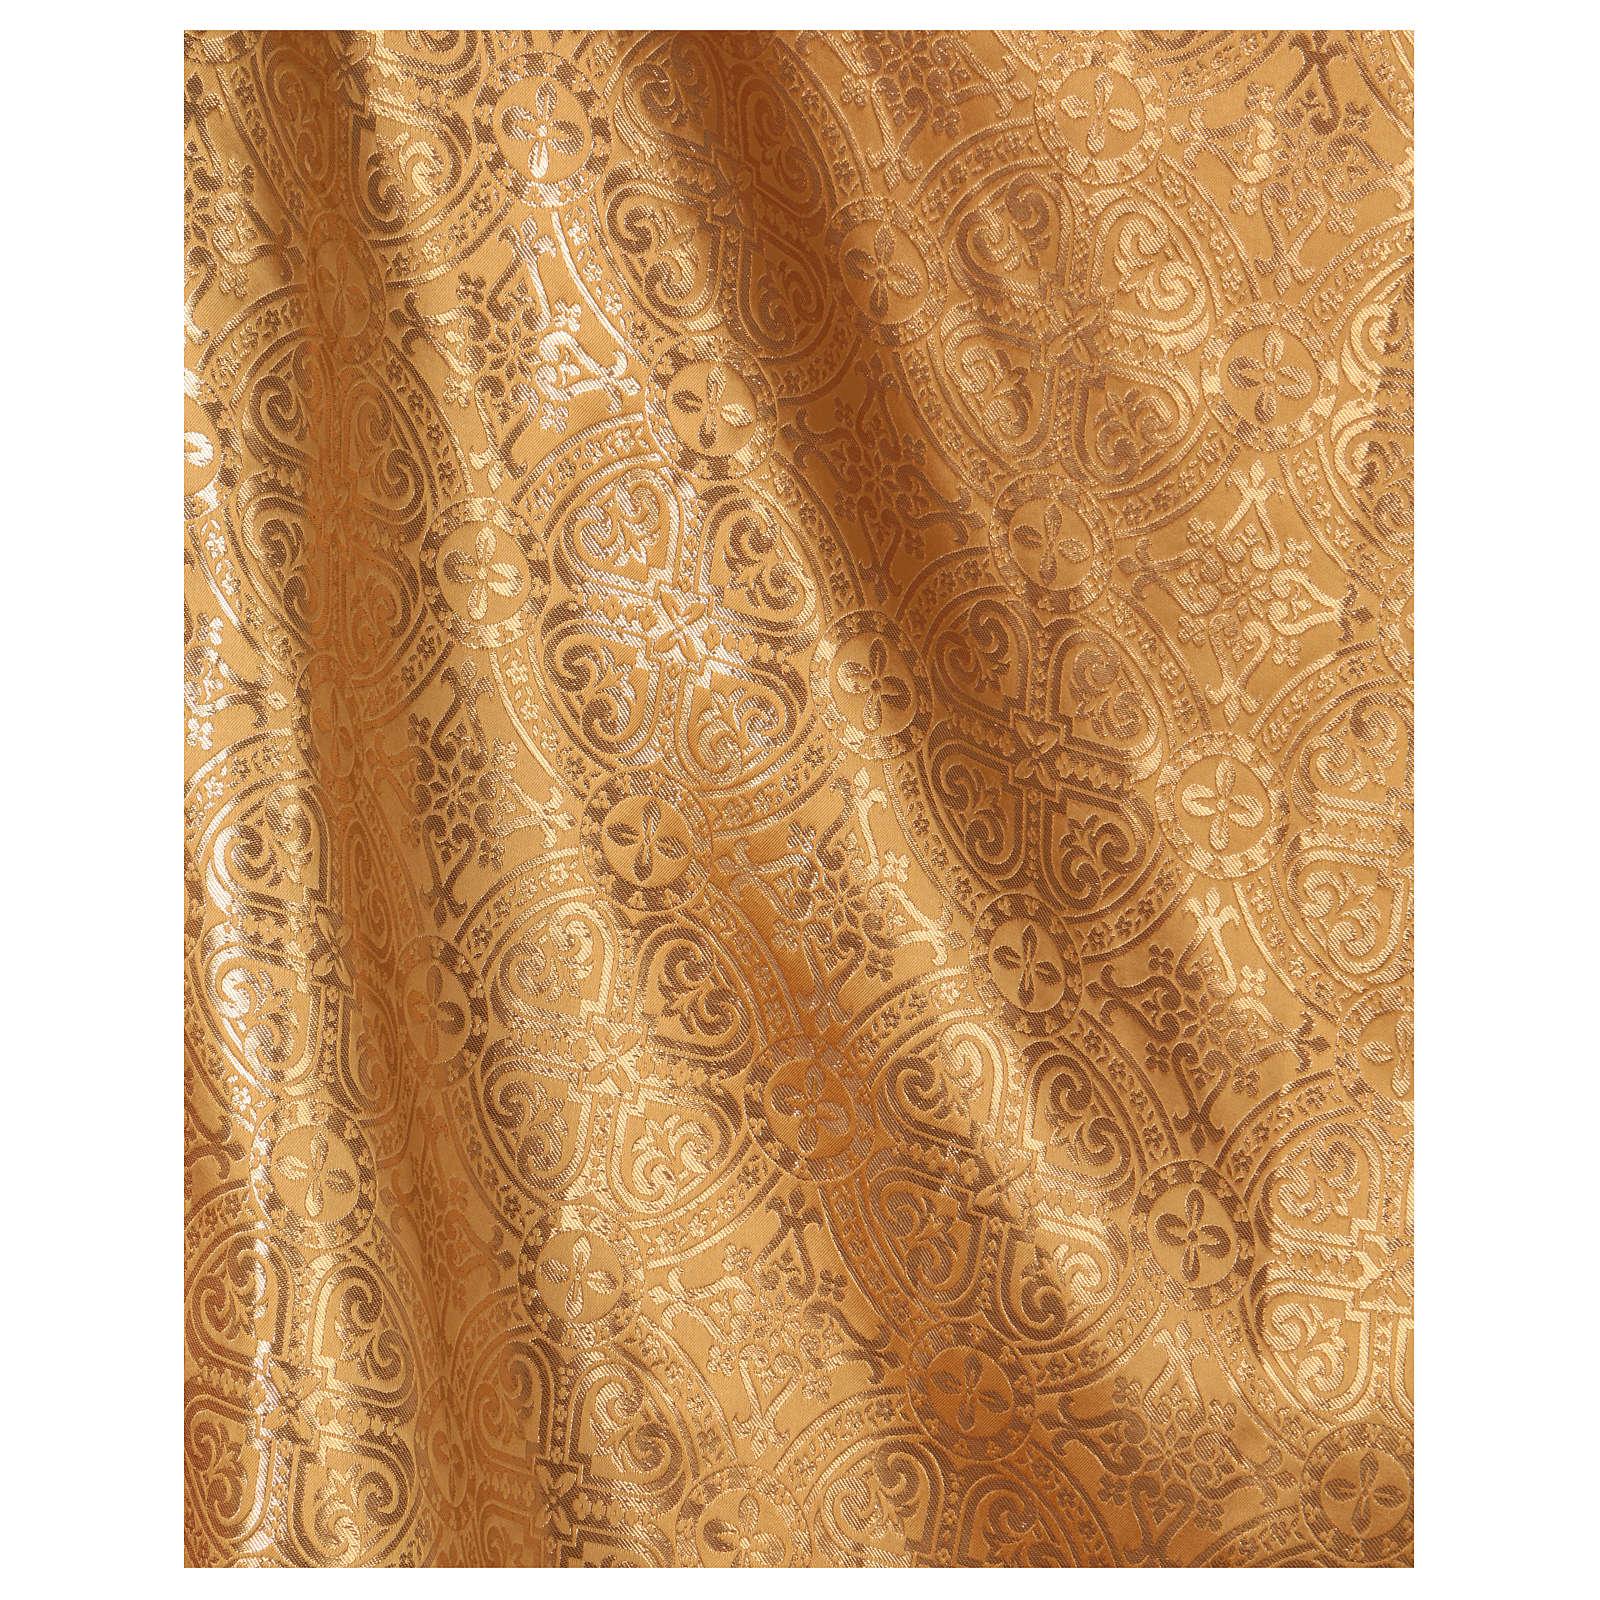 Casula oro su tessuto in broderie gallone mm 118 4